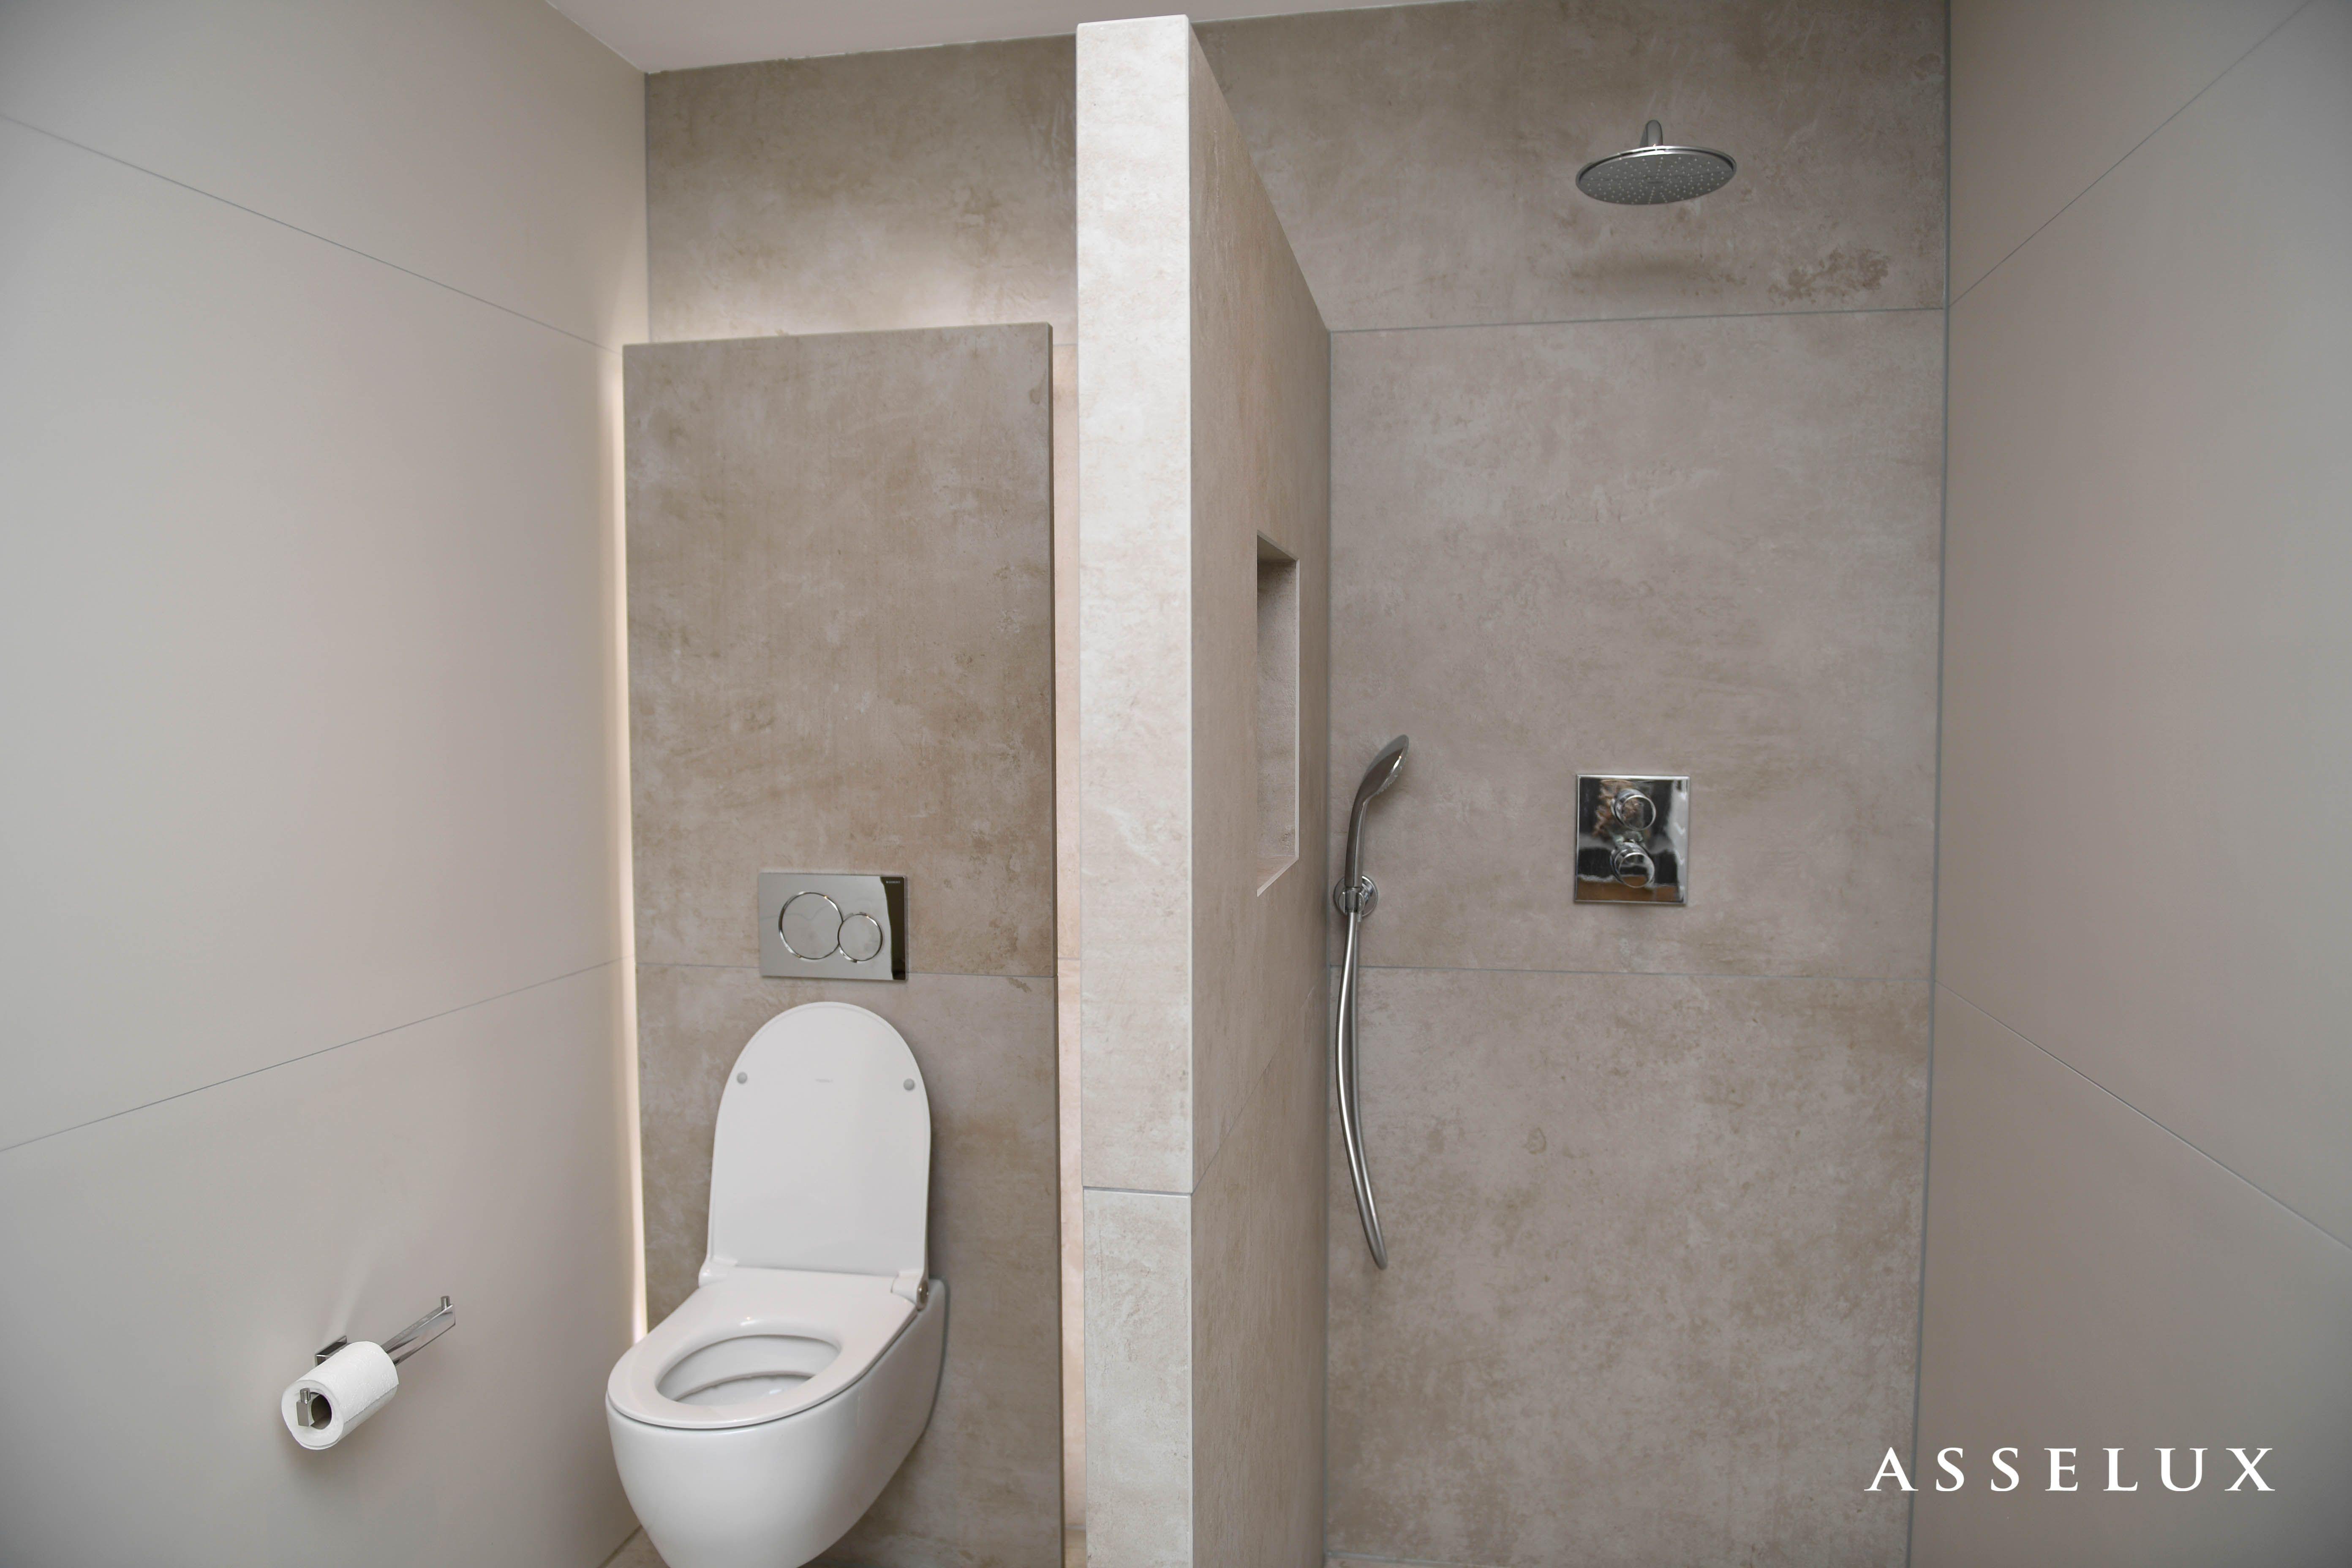 Asselux badkamer | Keramische wand- en vloerbekleding | Spatwand + ...